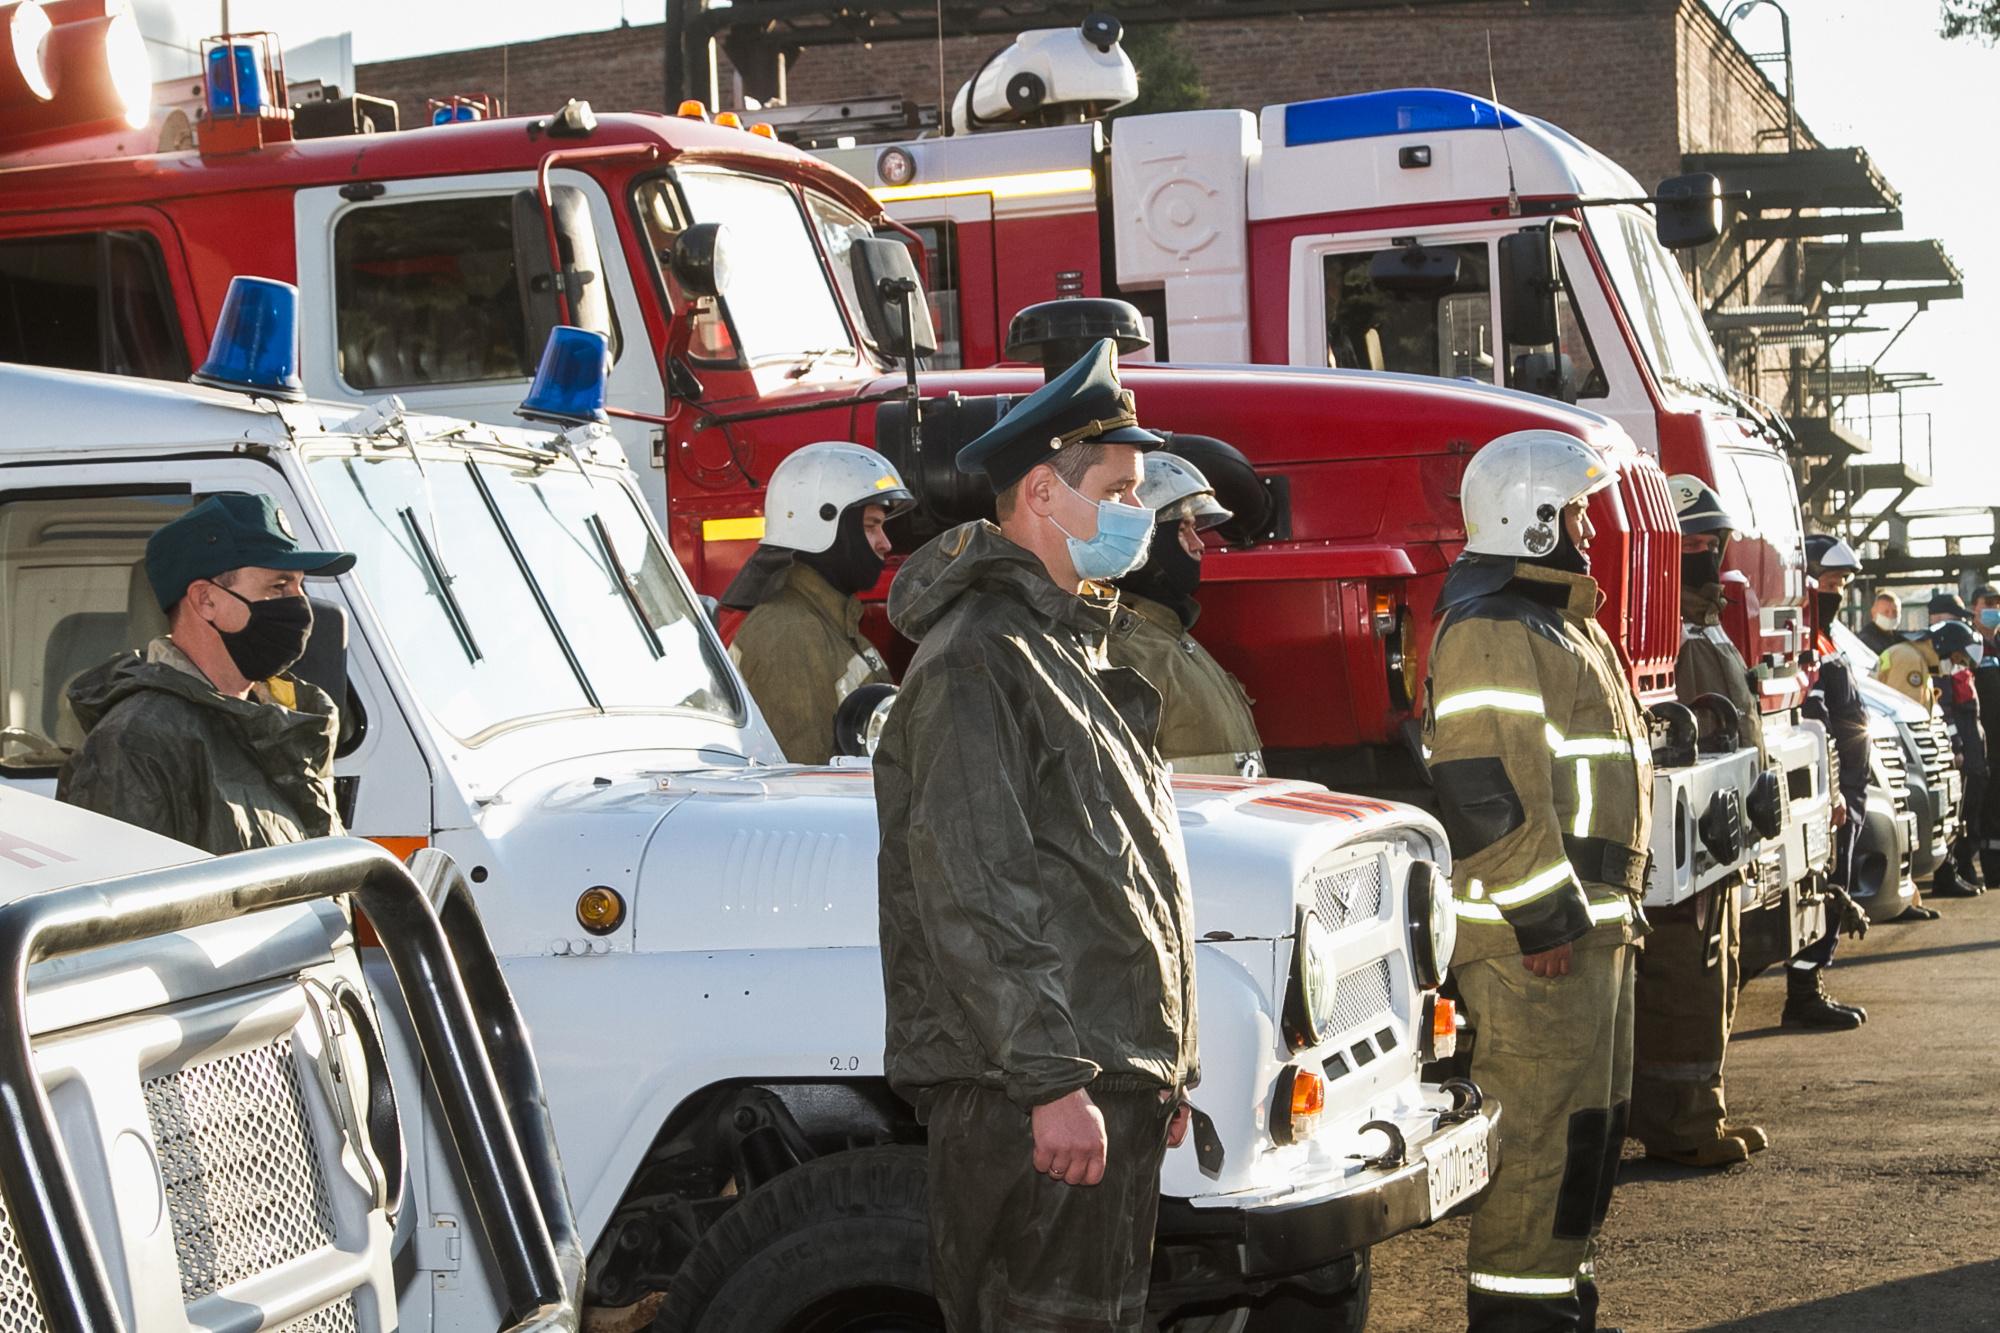 За лето в Омске произошло почти 300 пожаров #Новости #Общество #Омск